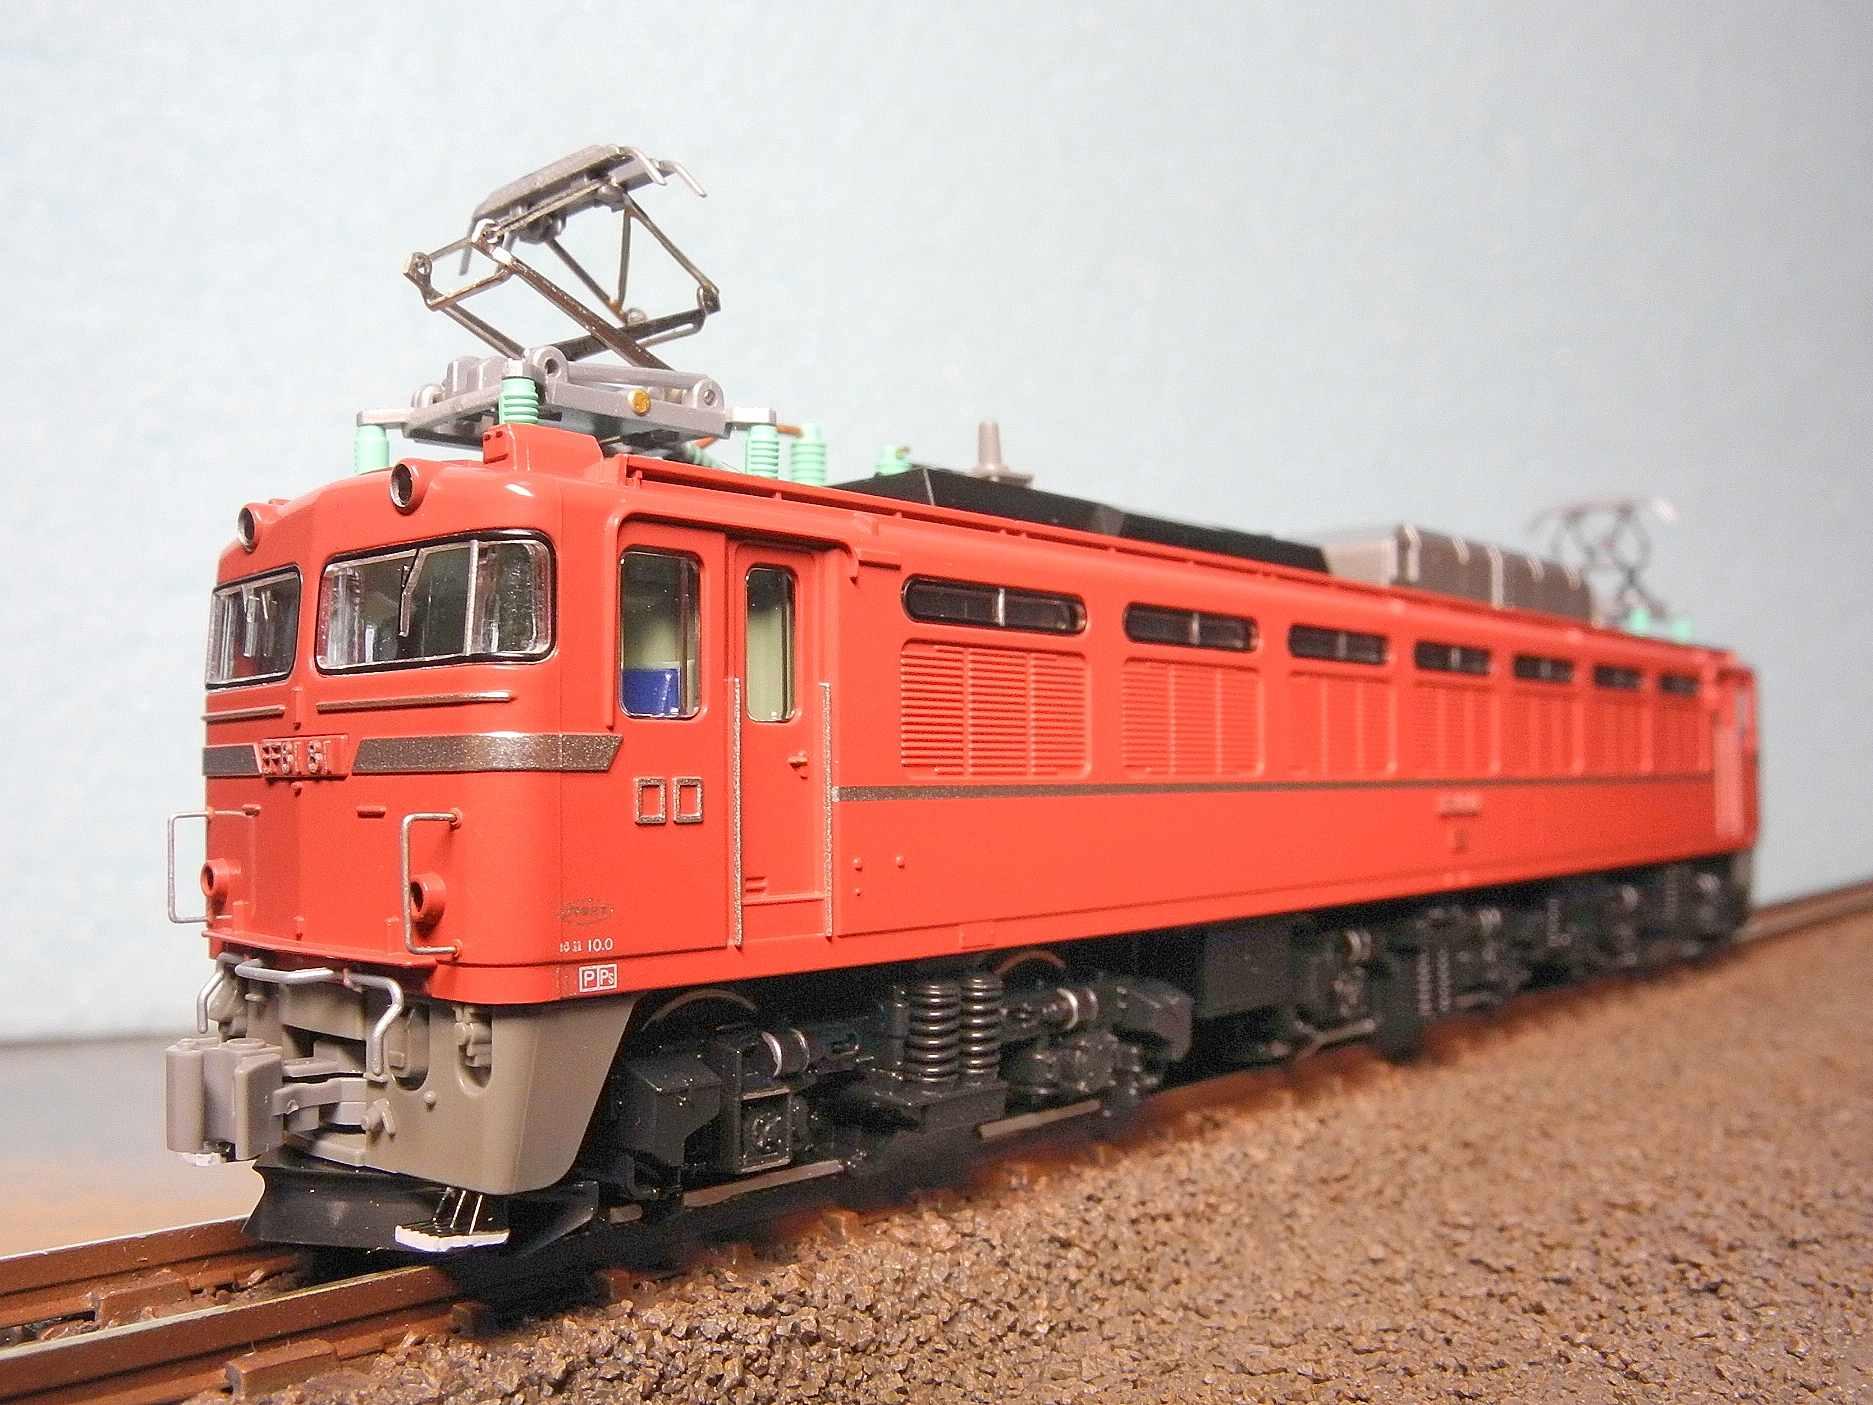 DSCN4572-1.jpg